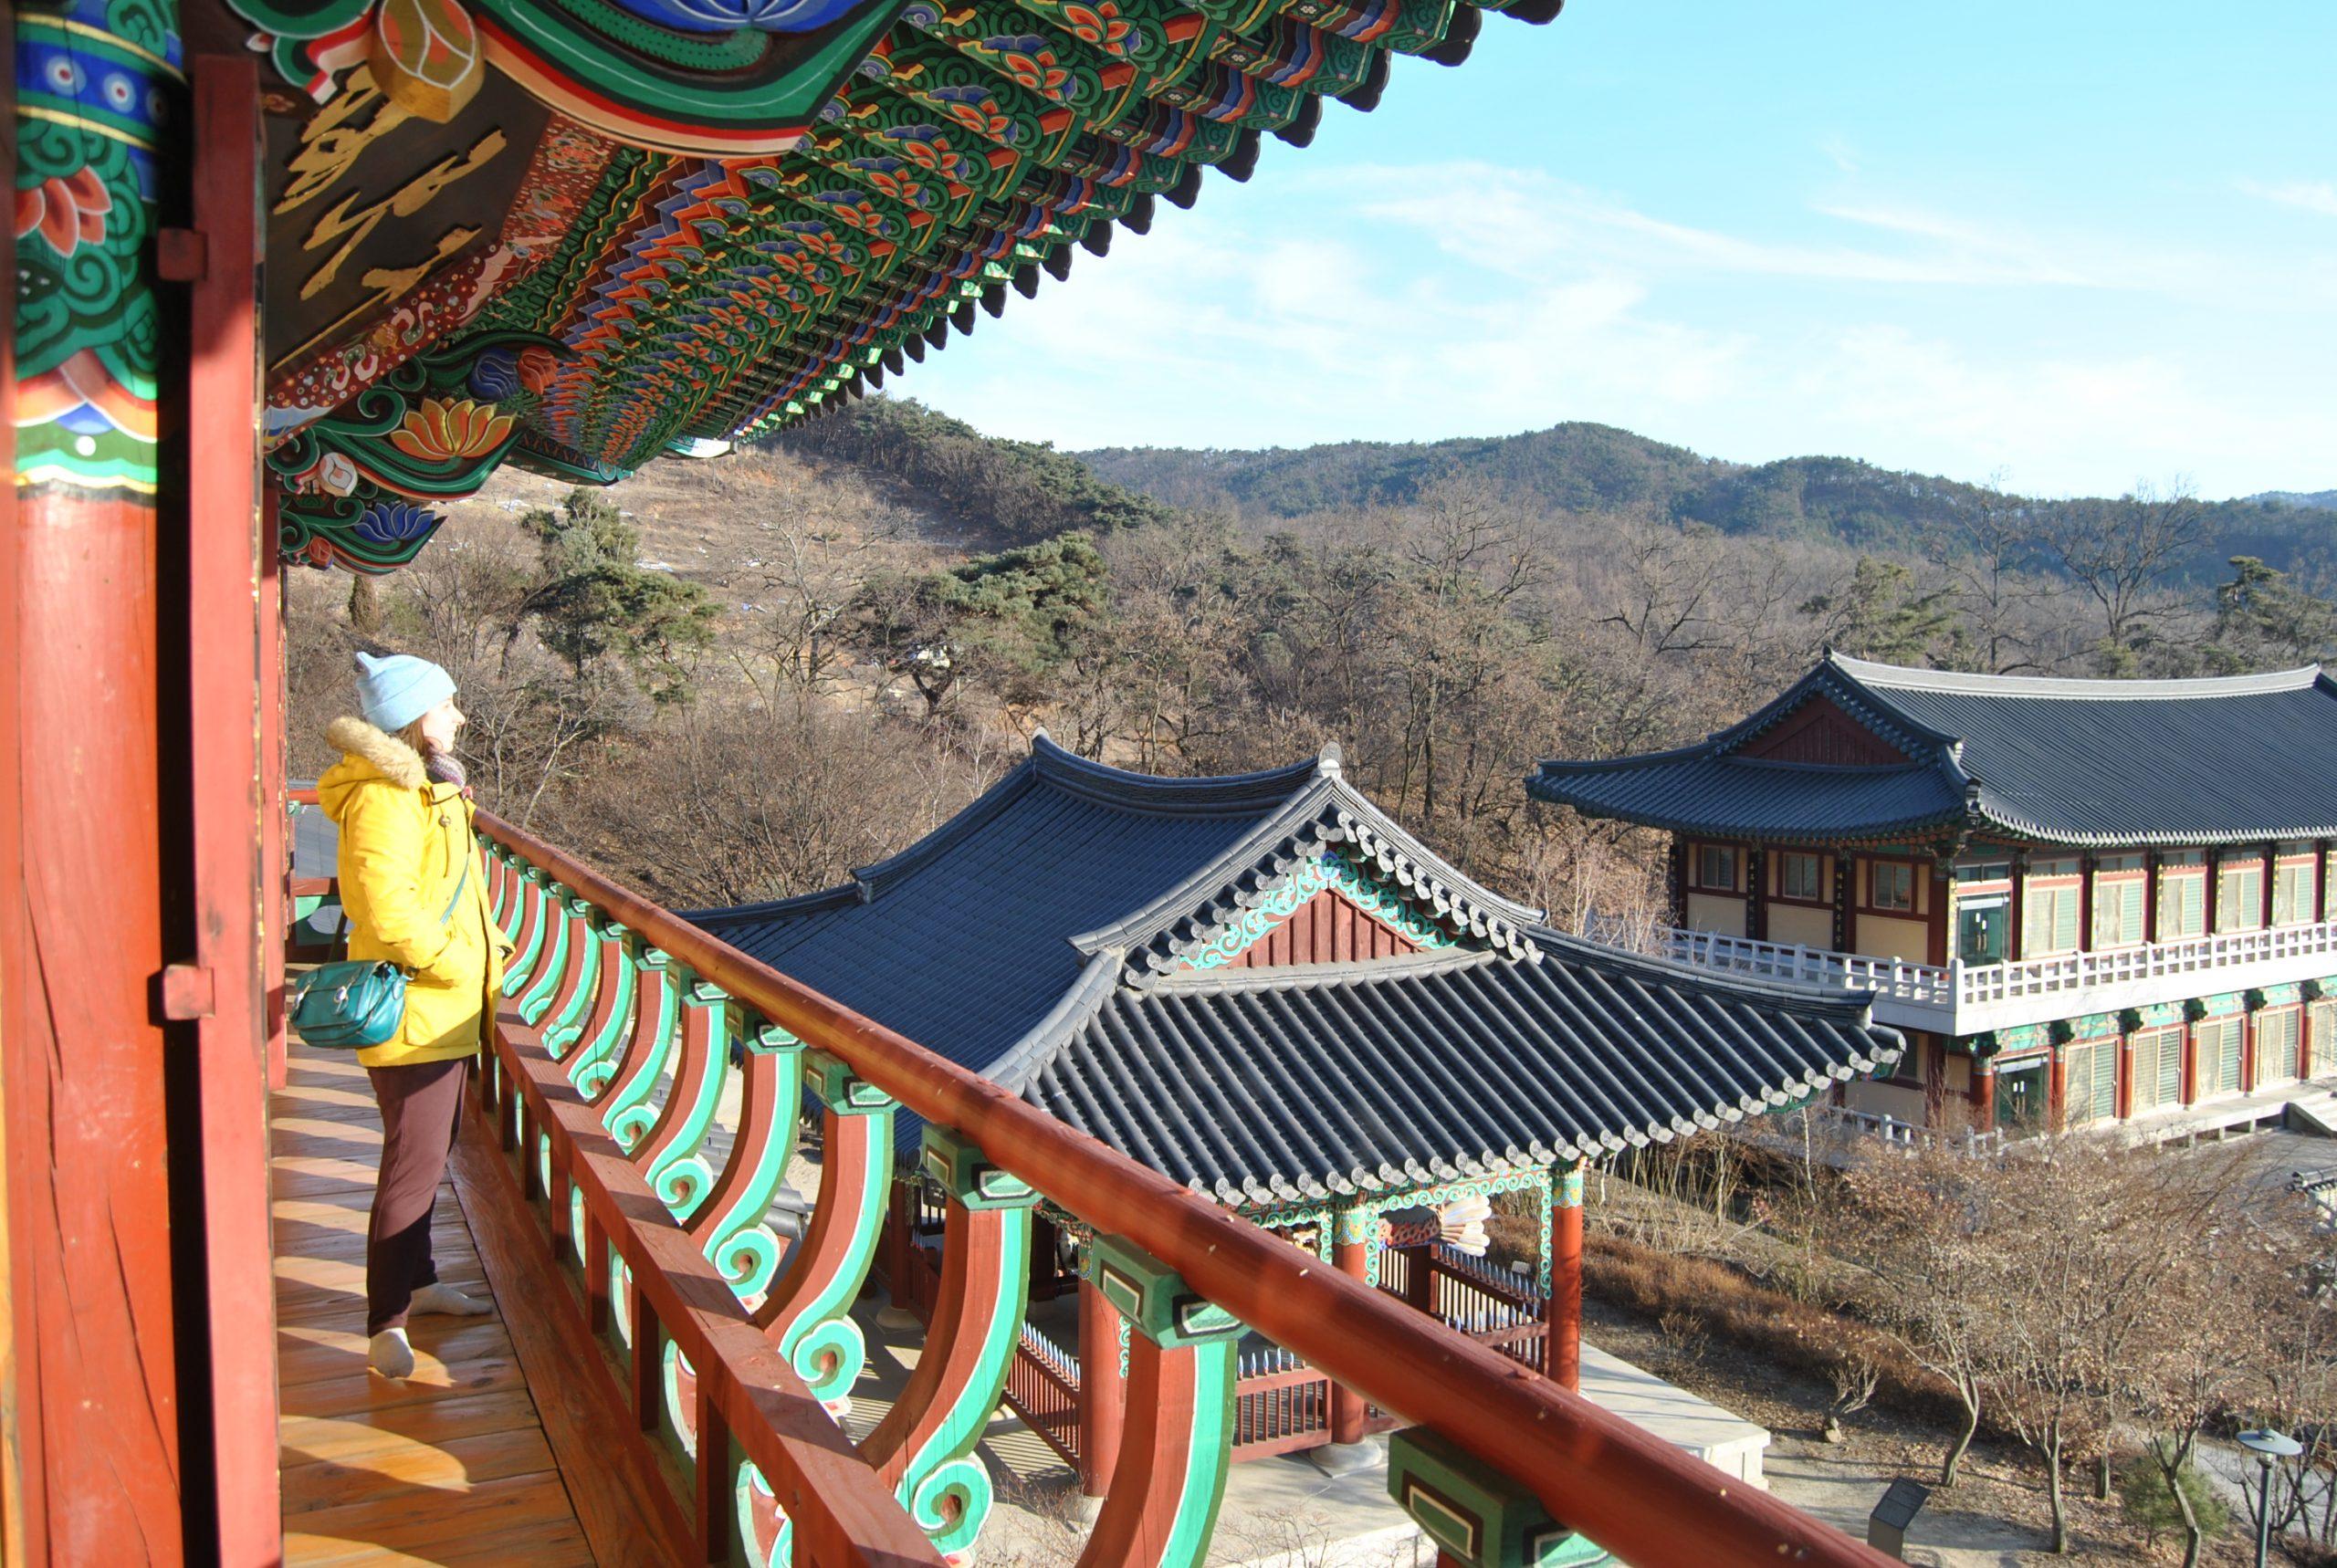 Foto en un templo budista en el medio de las montañas de Corea del Sur.